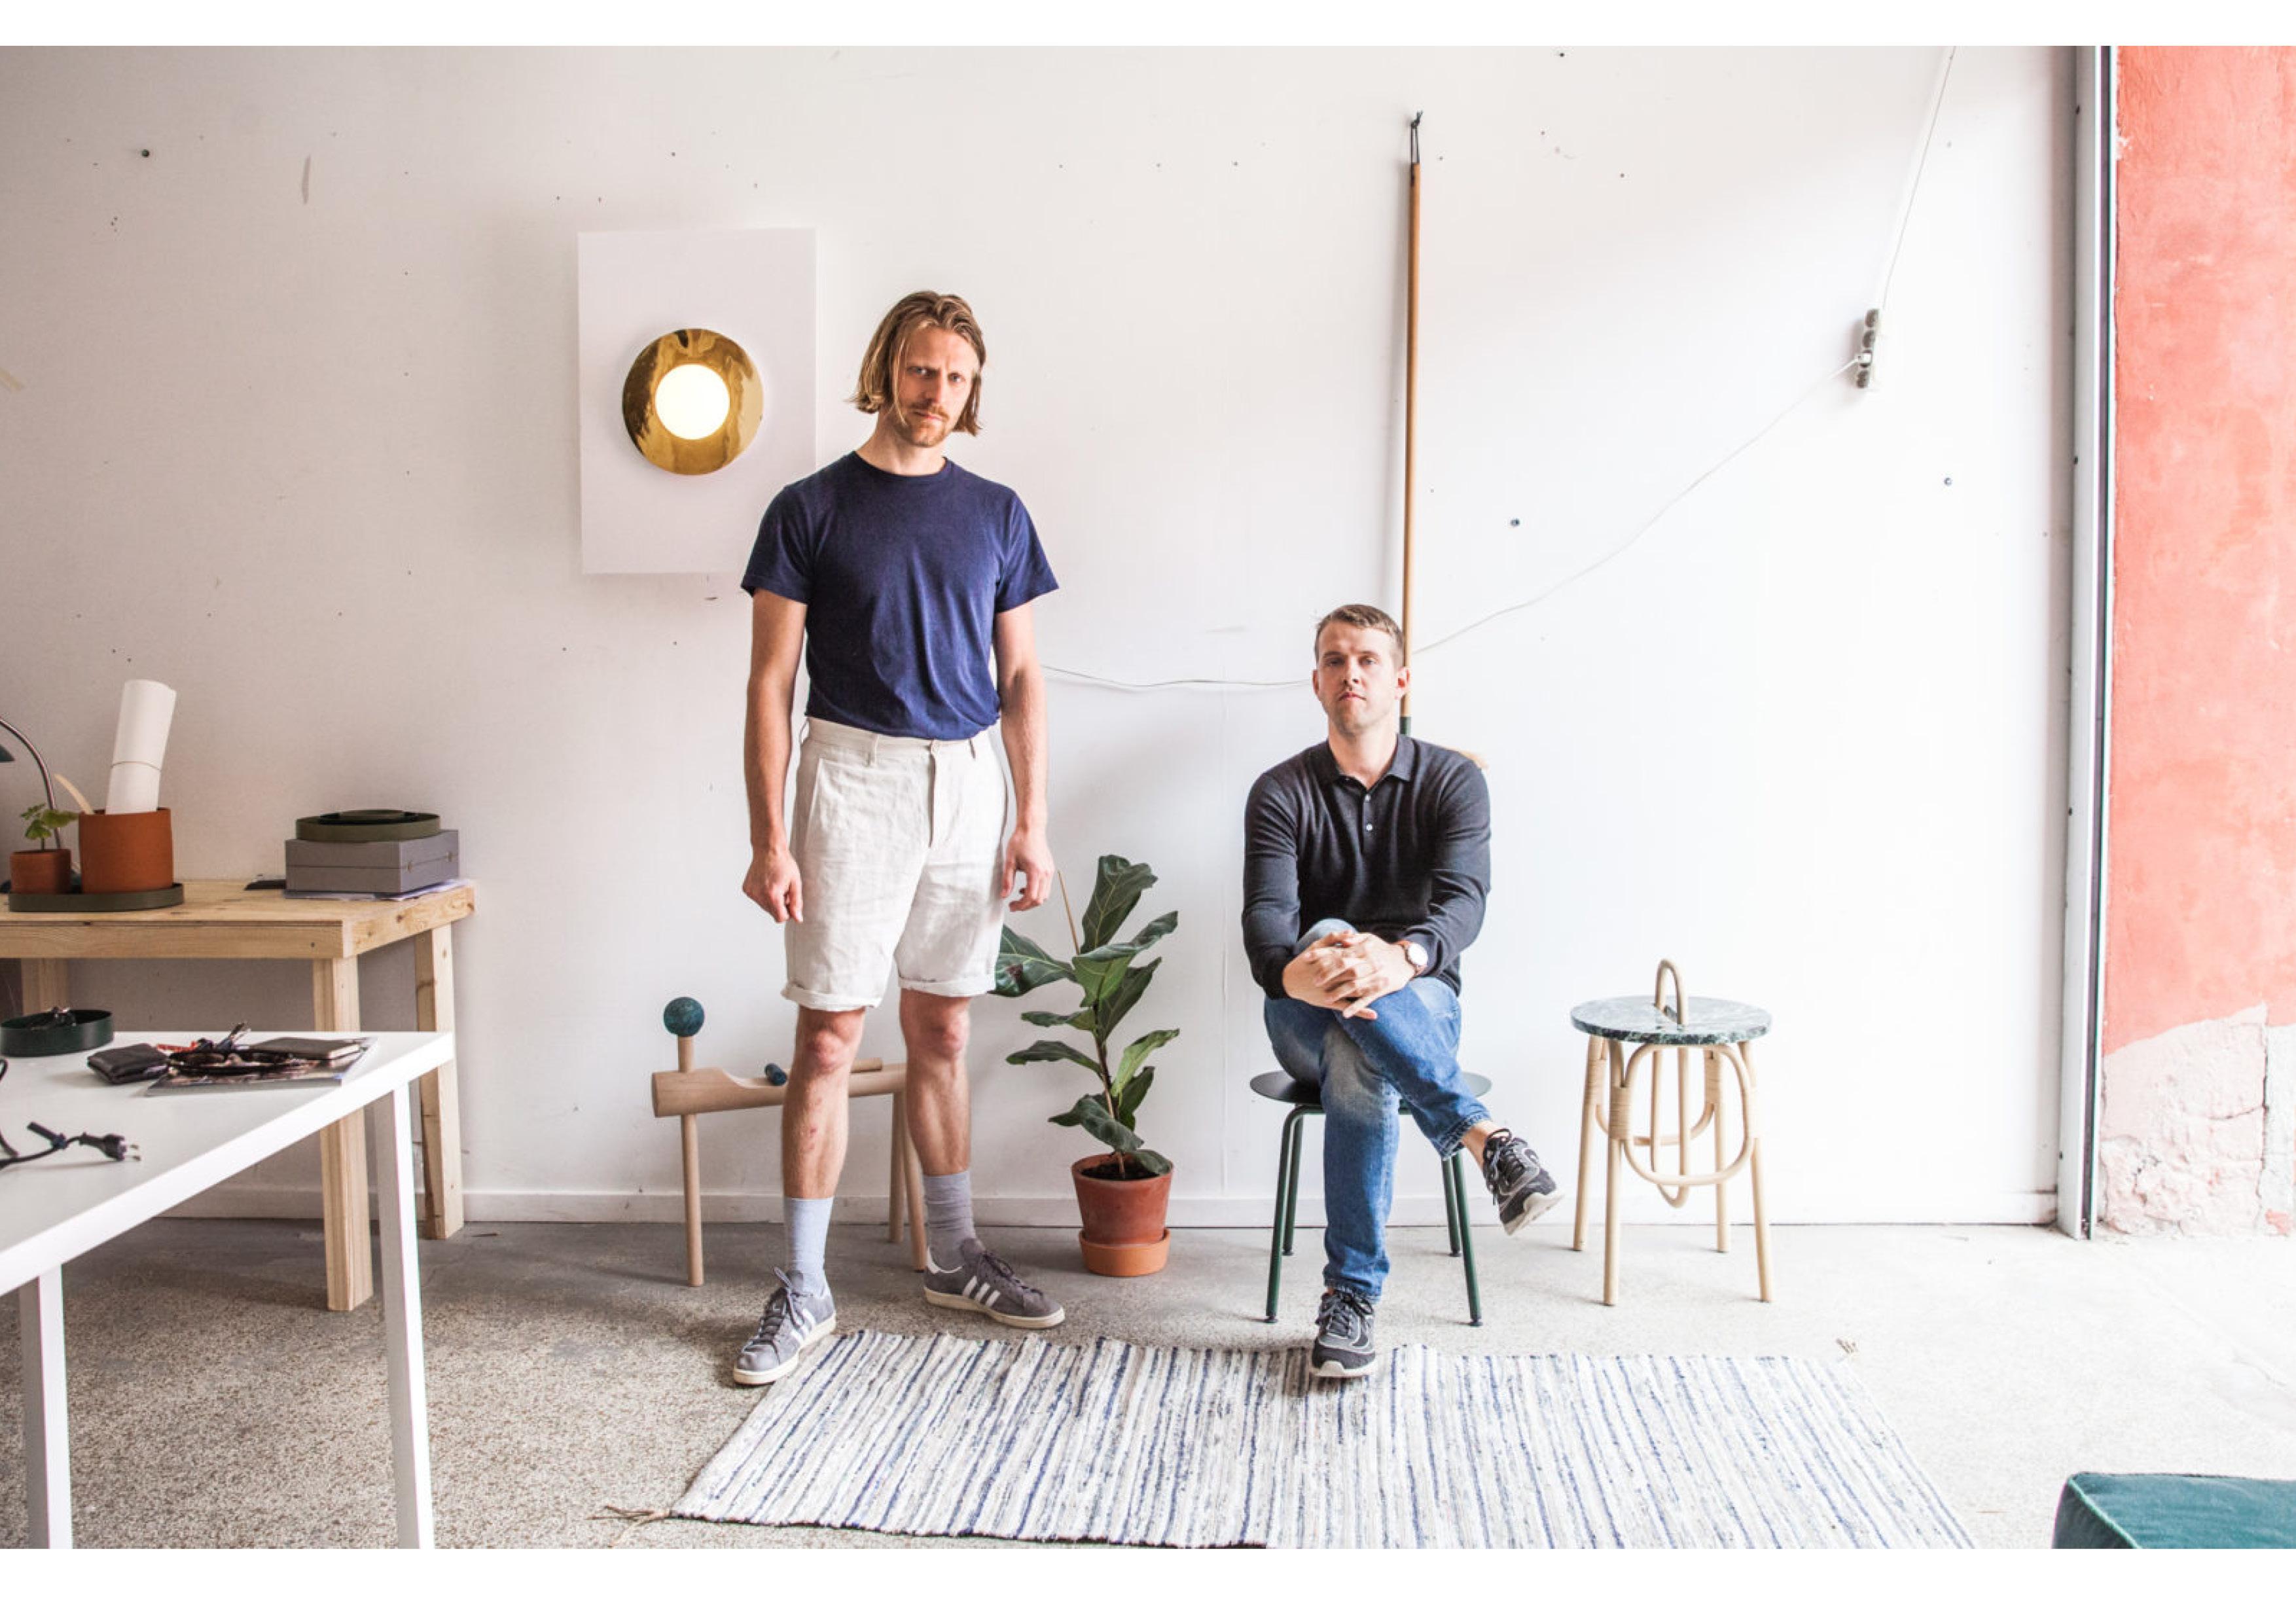 Freunde-von-Freunden-Emil-Kroeyer-Mads-Saetter-Lassen_HelenaLundquist_12